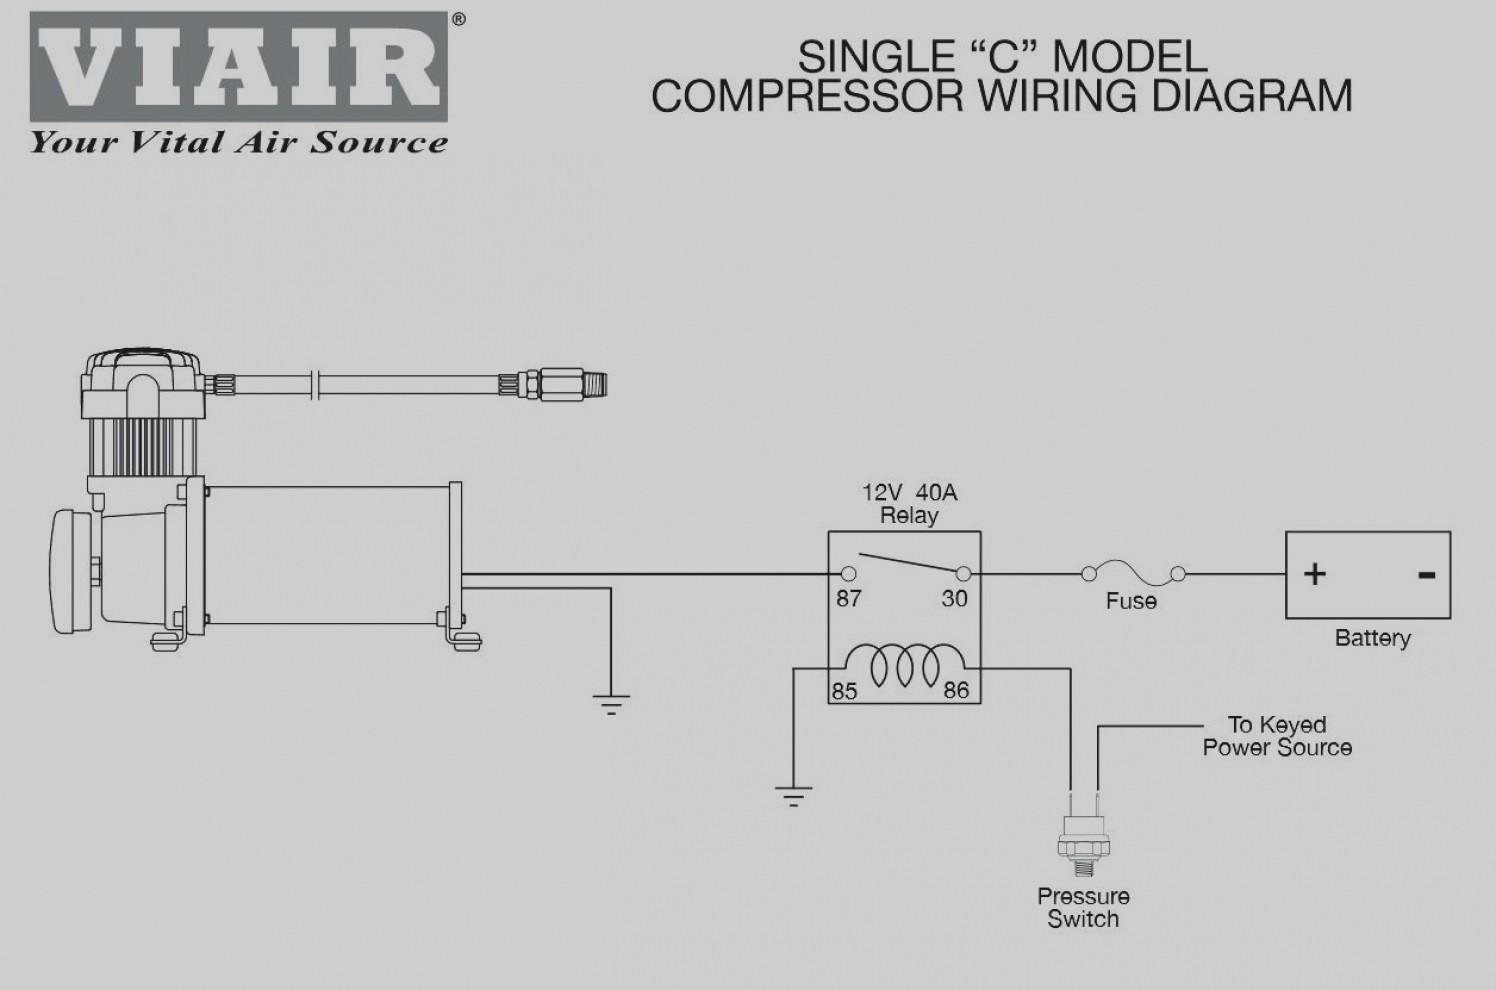 Viair Wiring Diagram   #1 Wiring Diagram Source on